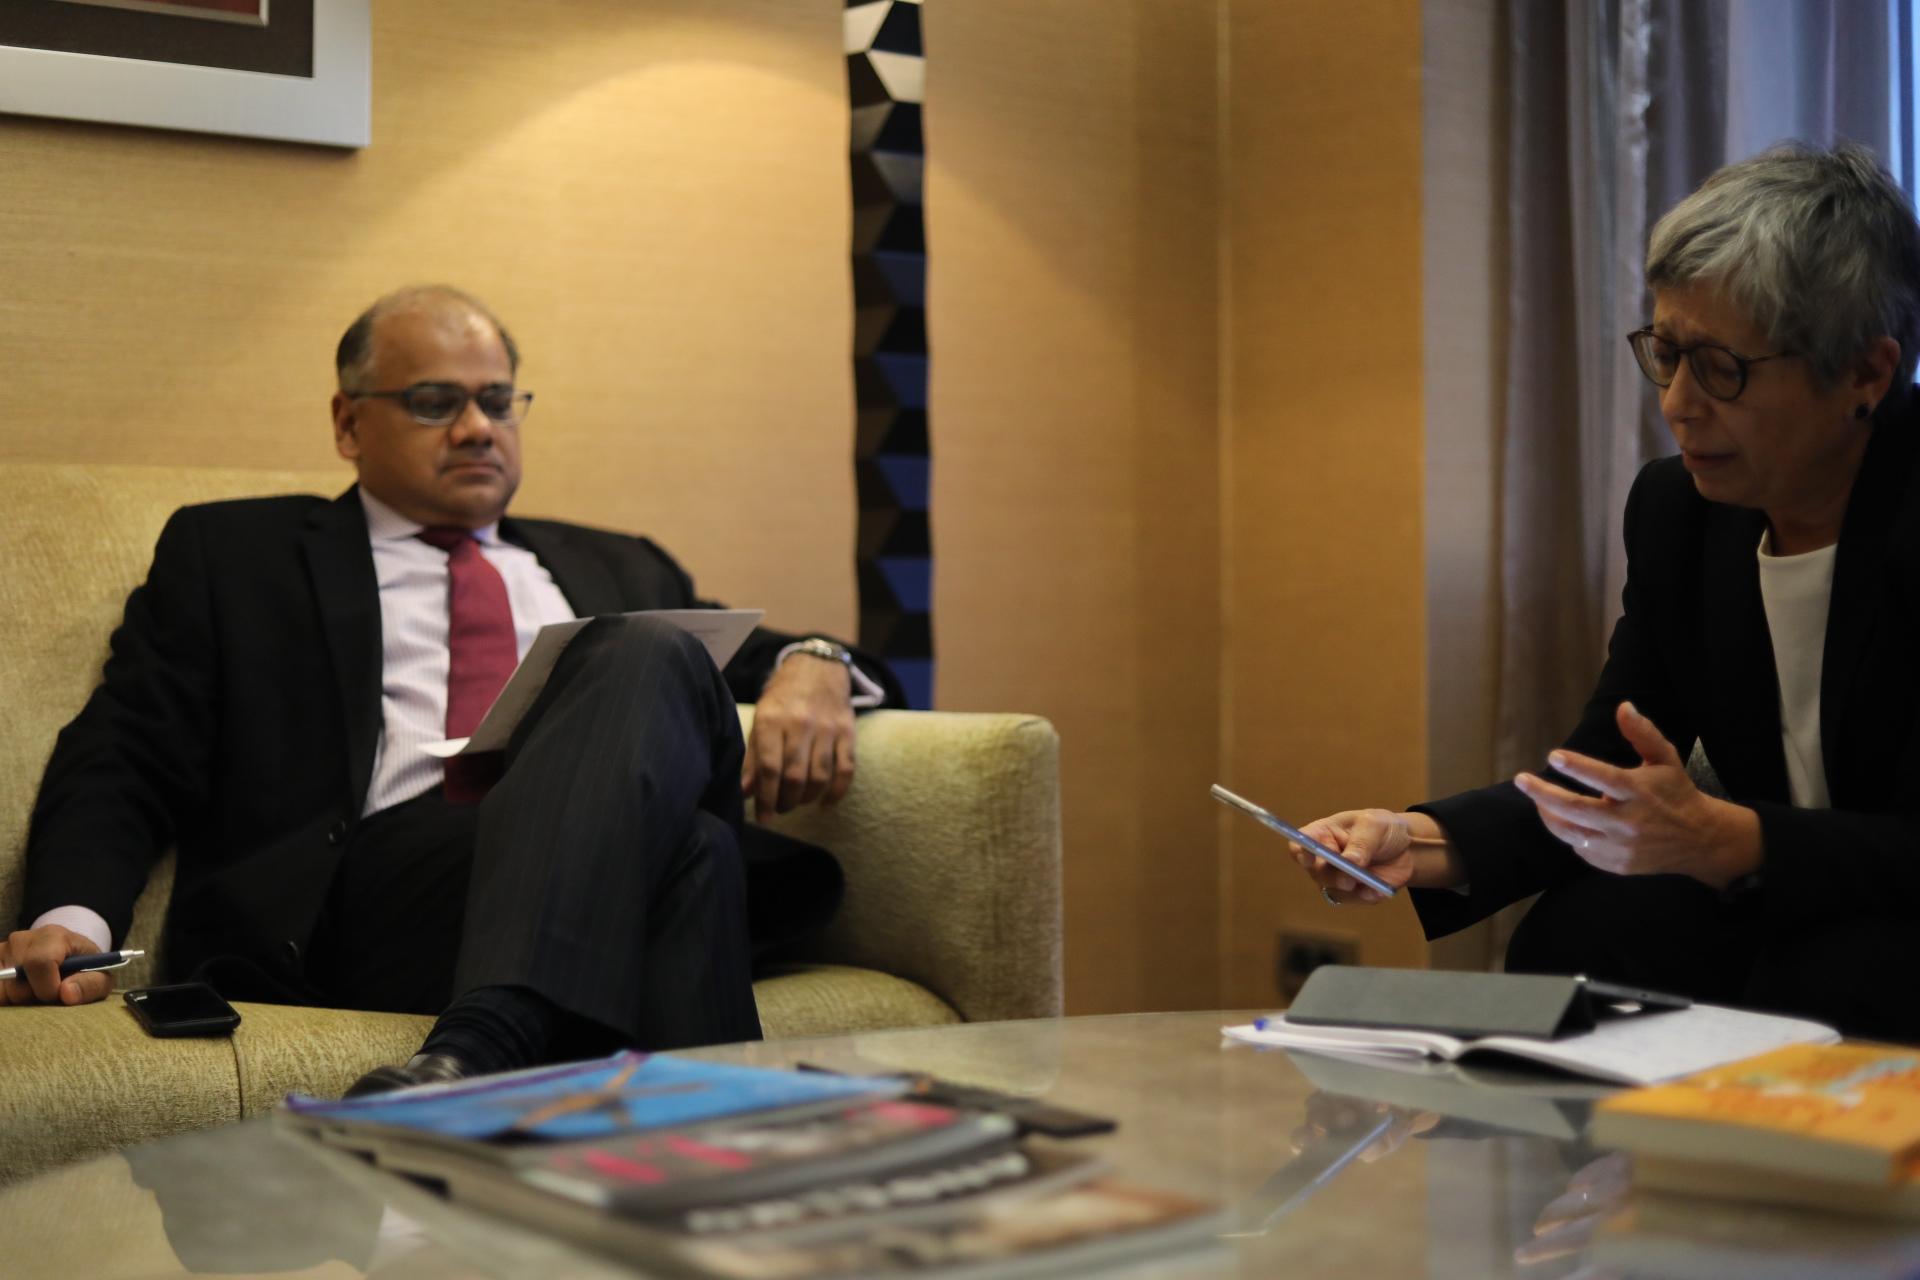 Subir Lall, chefe de missão do FMI para Portugal, com a jornalista Helena Garrido.